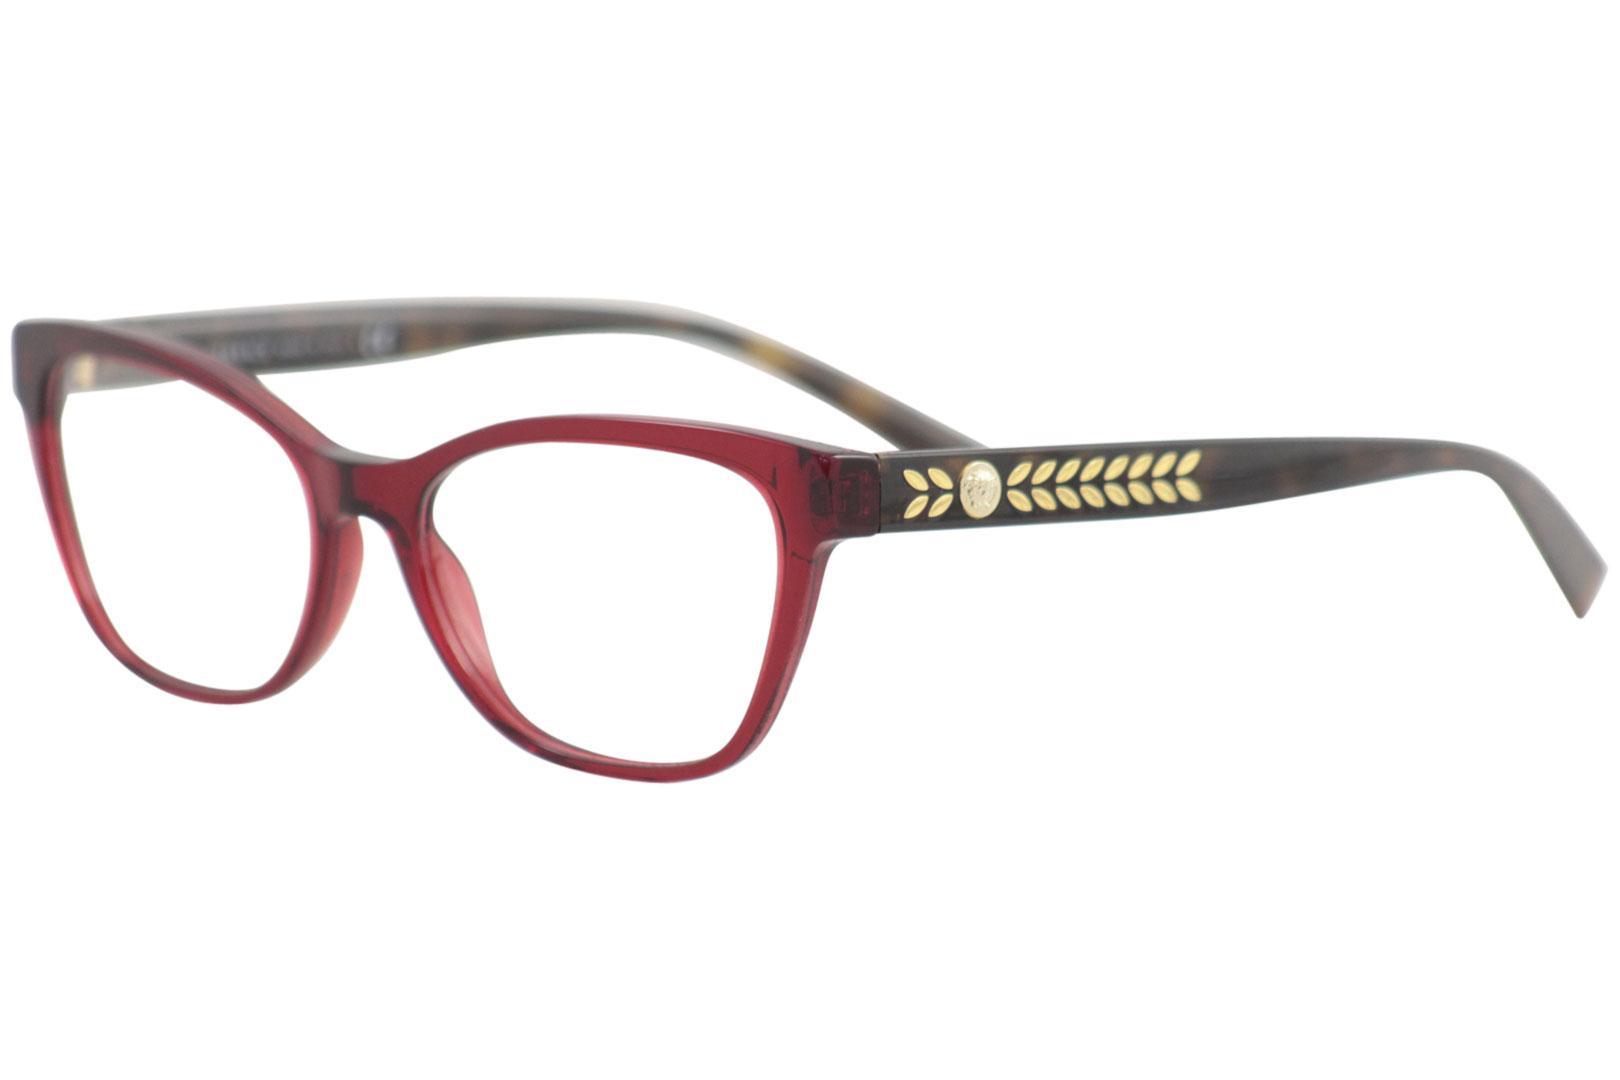 962fab16ab1 Versace Women s Eyeglasses VE3265 VE 3265 Full Rim Optical Frame